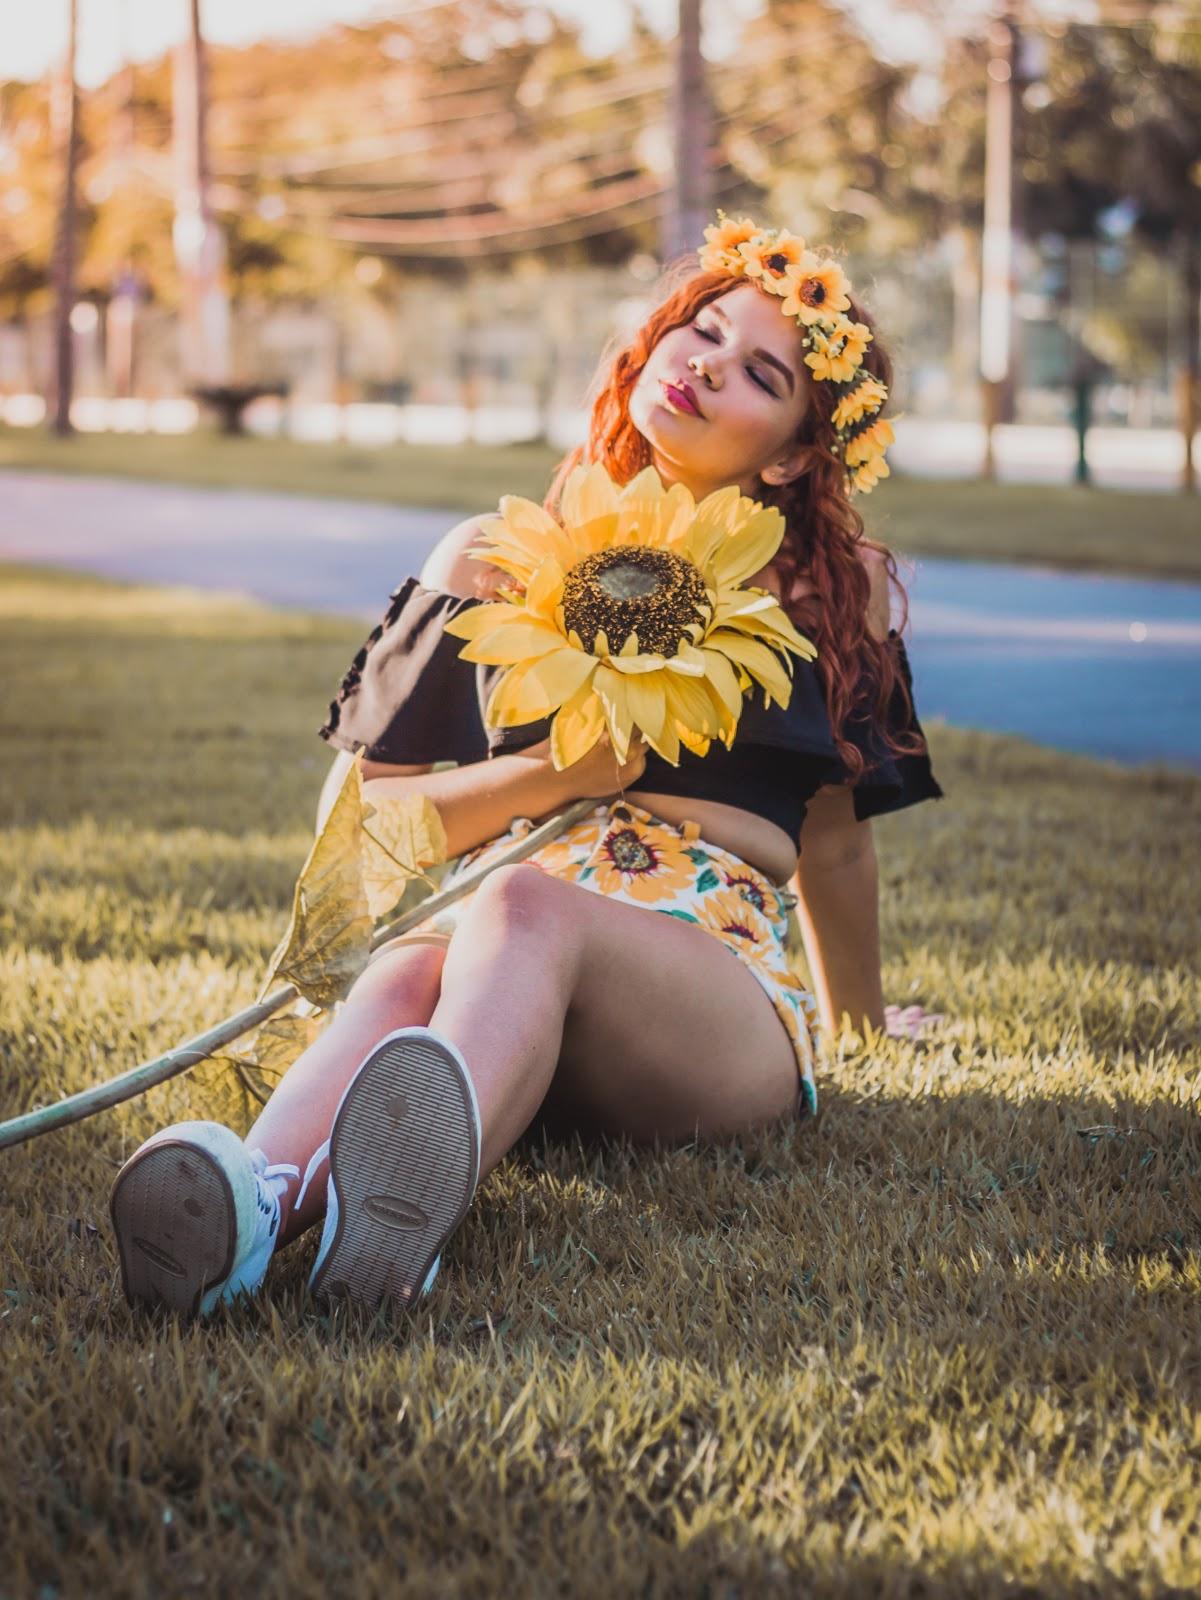 Inspirações de fotos com girassol fake, ideias de fotos menina com girassol, ideias de poses tumblr fotos nas plantas